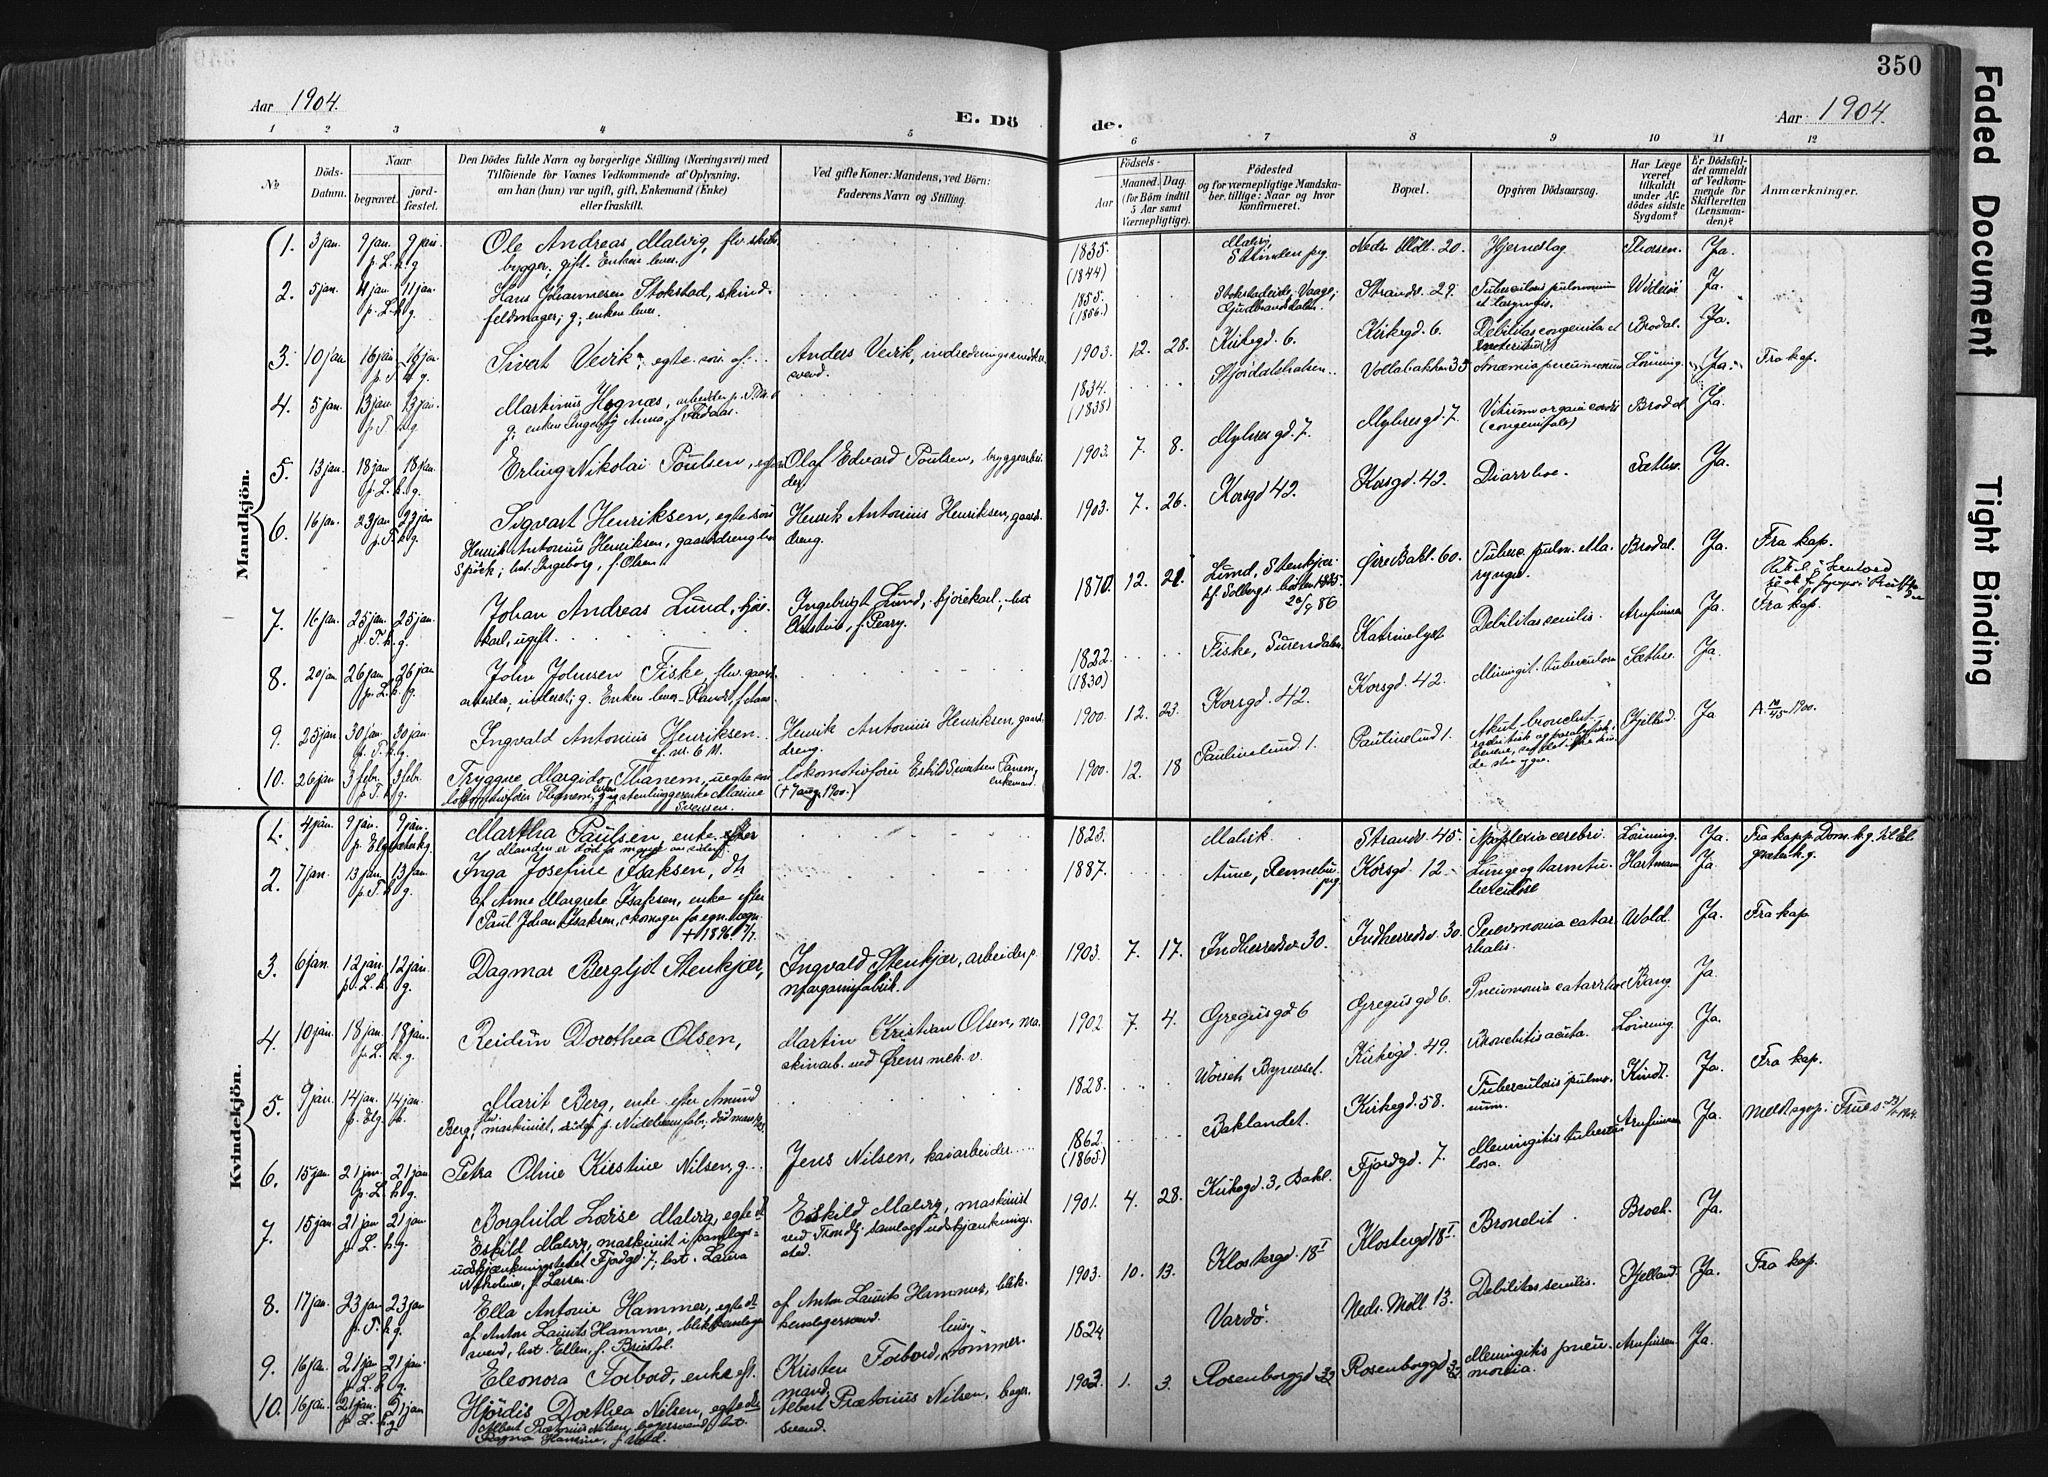 SAT, Ministerialprotokoller, klokkerbøker og fødselsregistre - Sør-Trøndelag, 604/L0201: Ministerialbok nr. 604A21, 1901-1911, s. 350